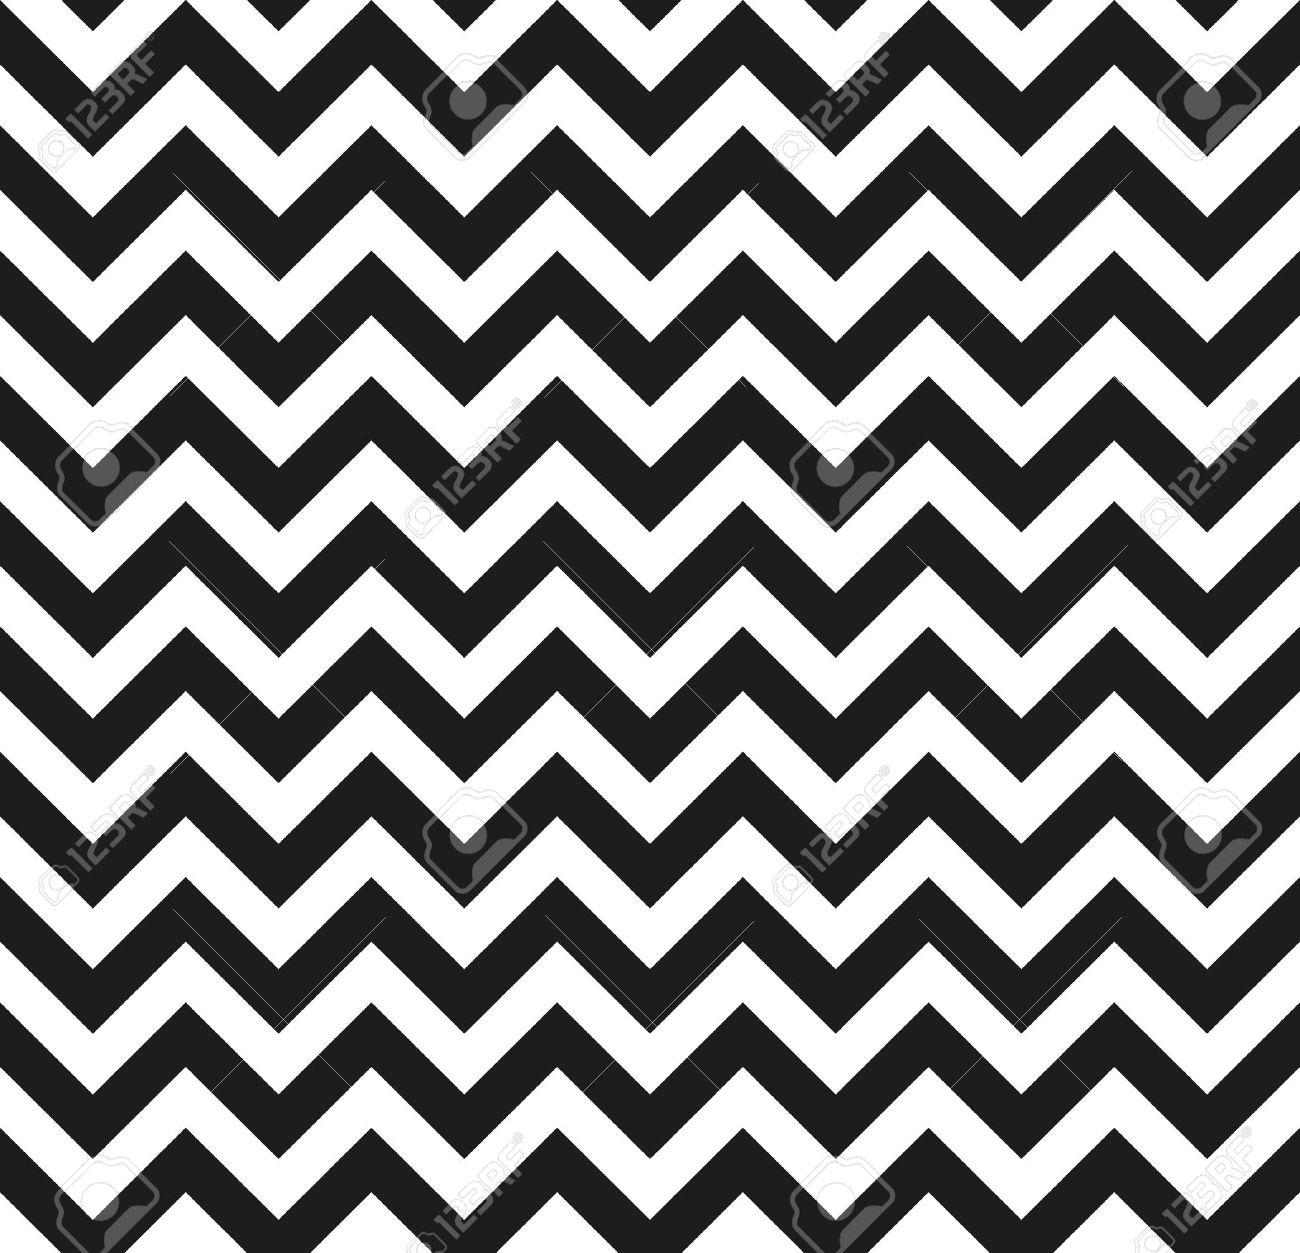 Chevron Zickzack Schwarz Weiß Schwarz Weiß Muster Nahtlose Textur